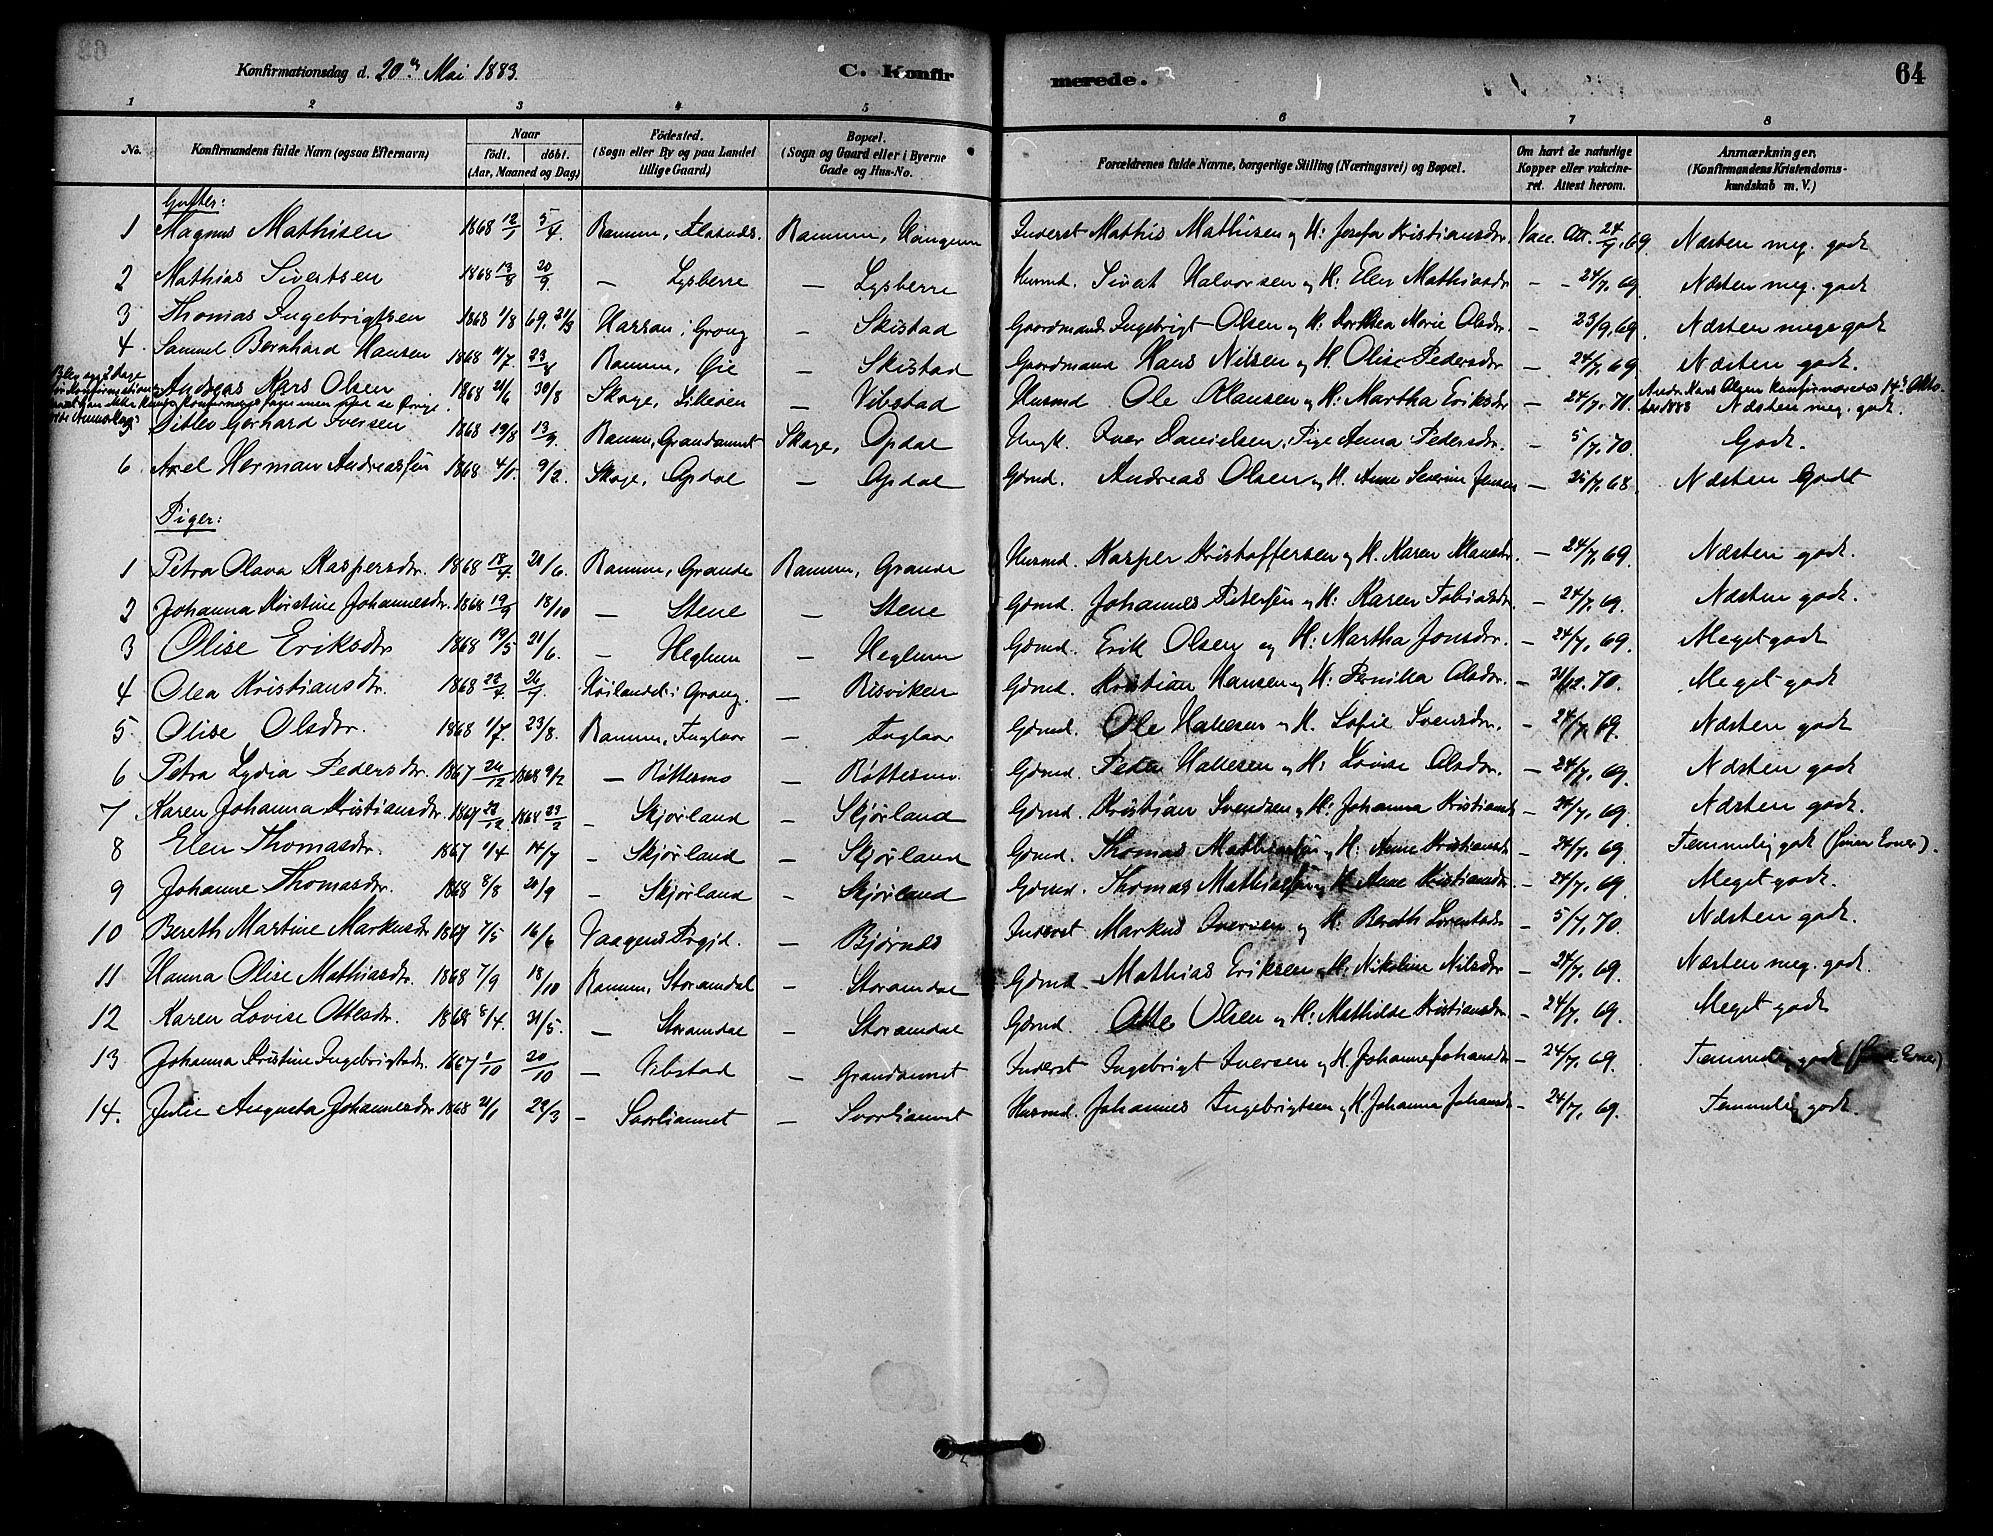 SAT, Ministerialprotokoller, klokkerbøker og fødselsregistre - Nord-Trøndelag, 764/L0555: Ministerialbok nr. 764A10, 1881-1896, s. 64